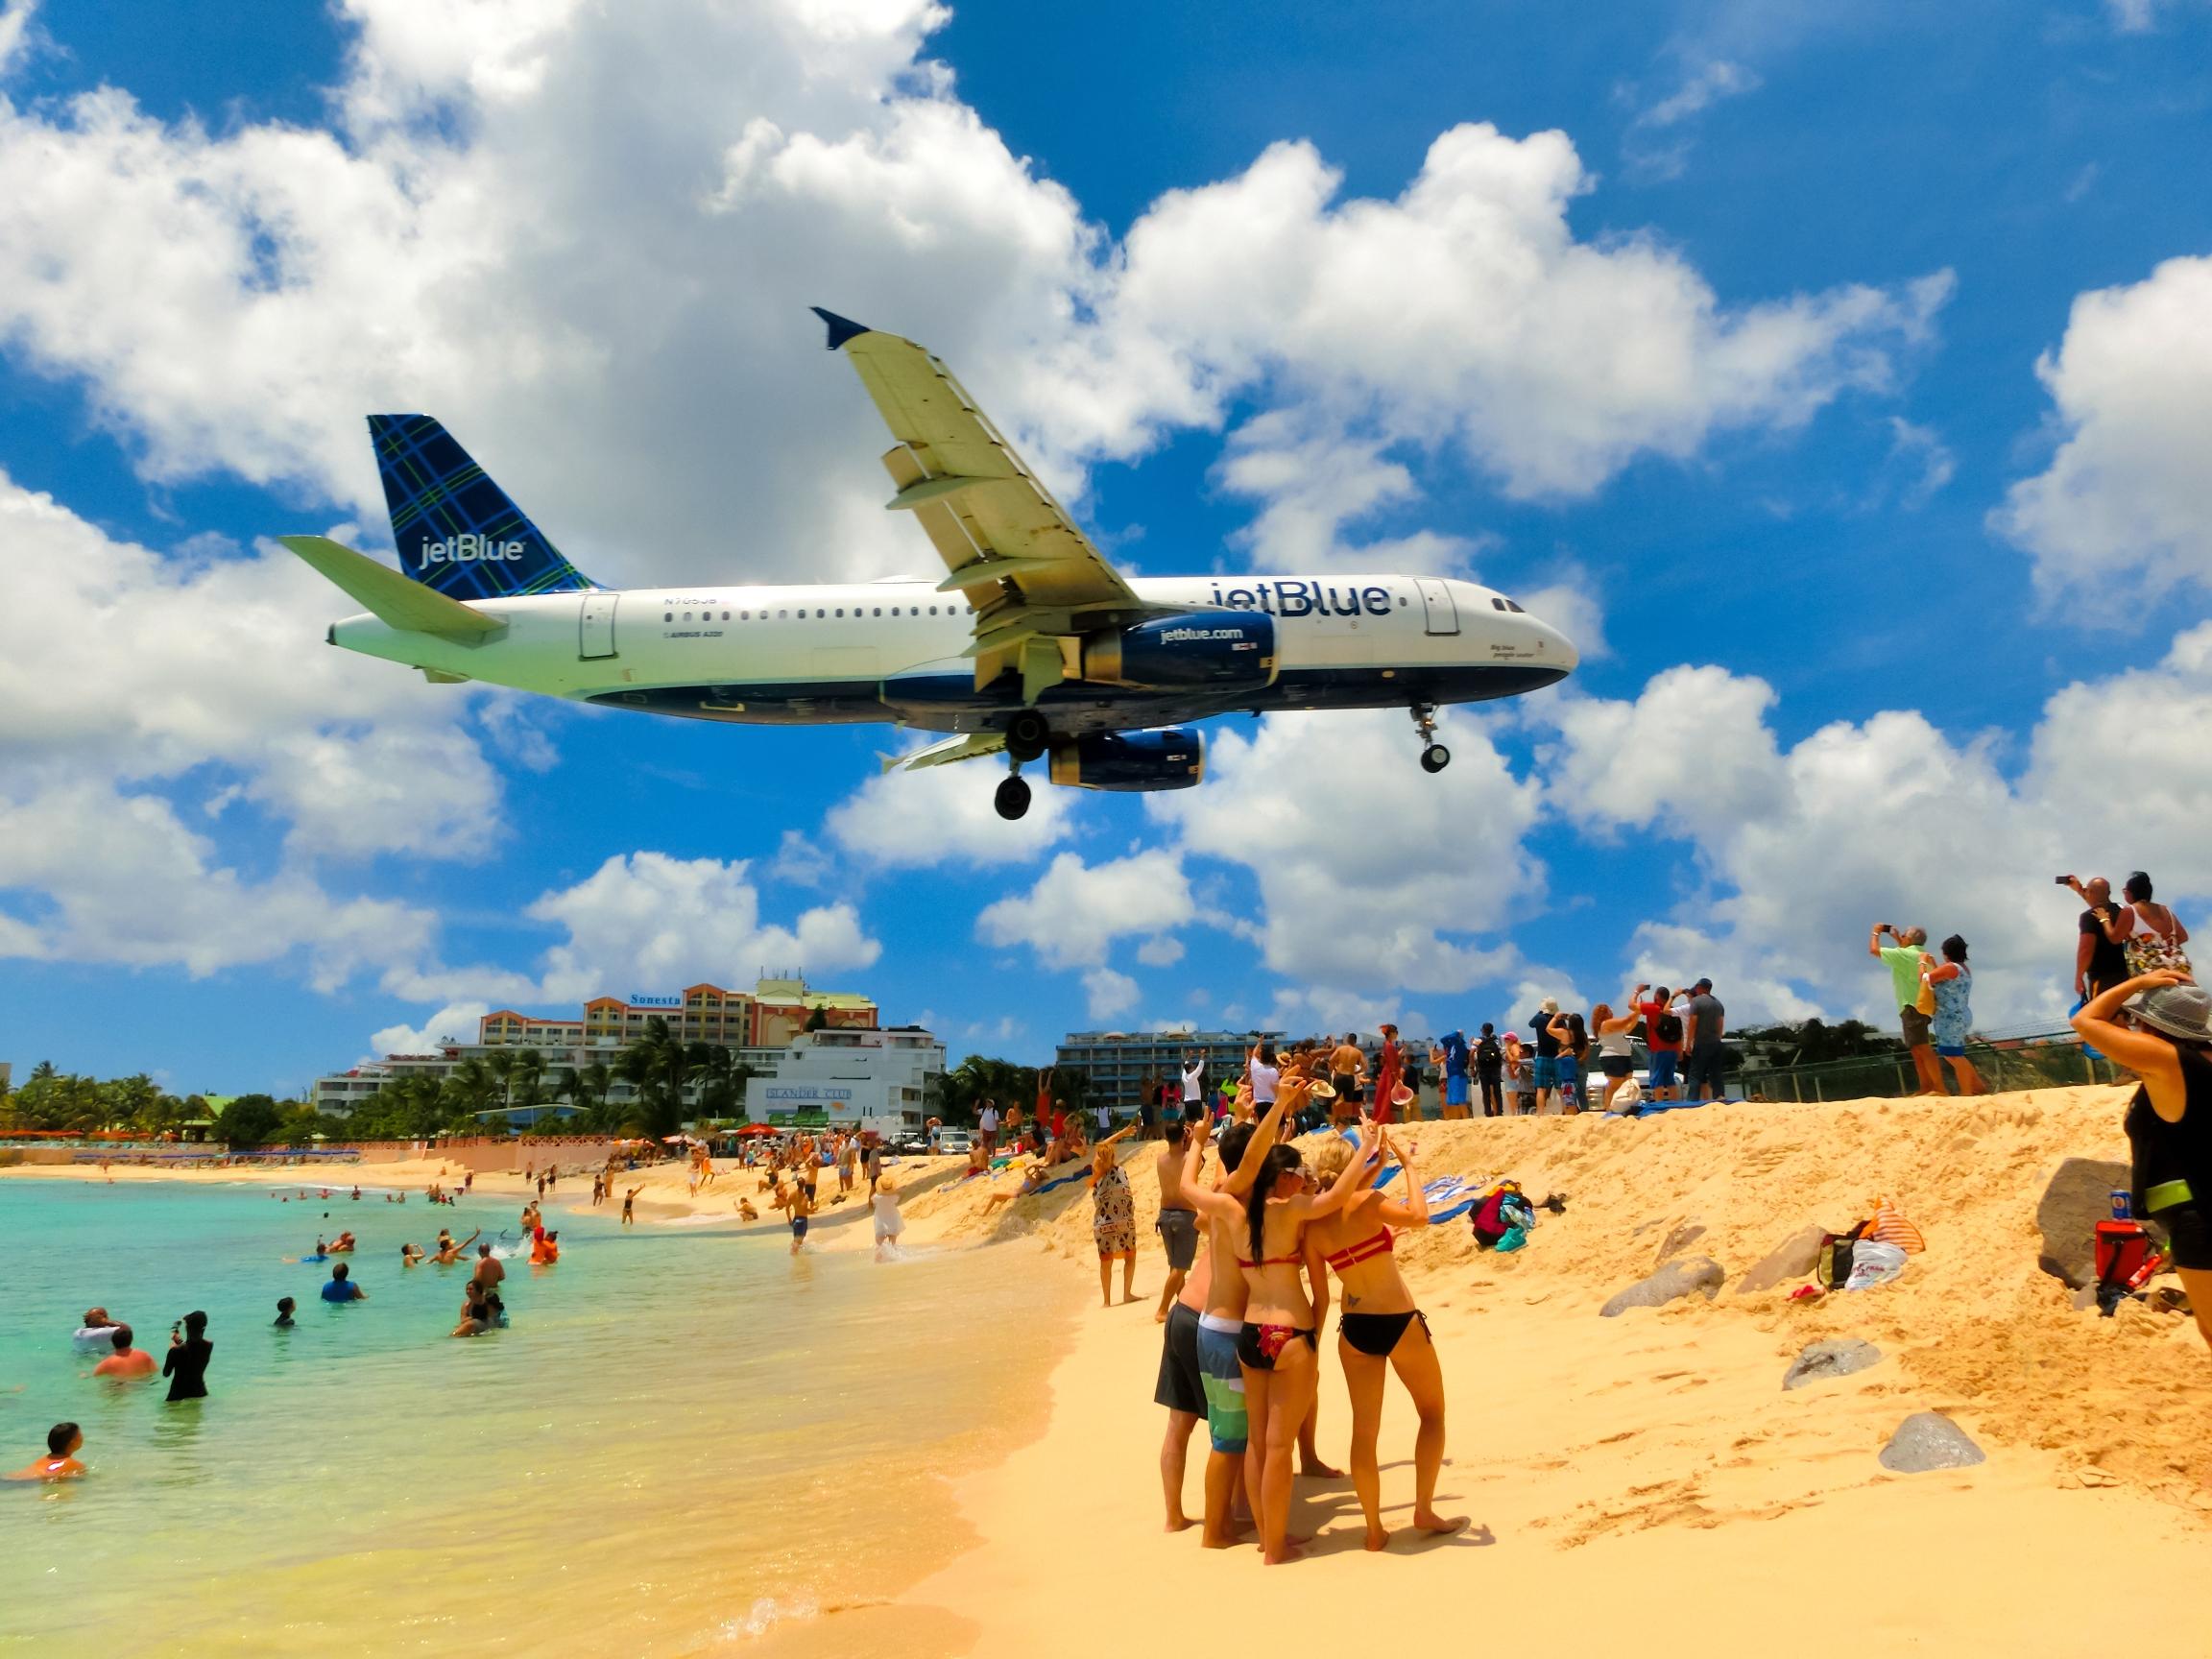 Květen 2016: Letadloklesá na Letiště princezny Juliany na Svatém Martinu těsně nad pláží Maho.